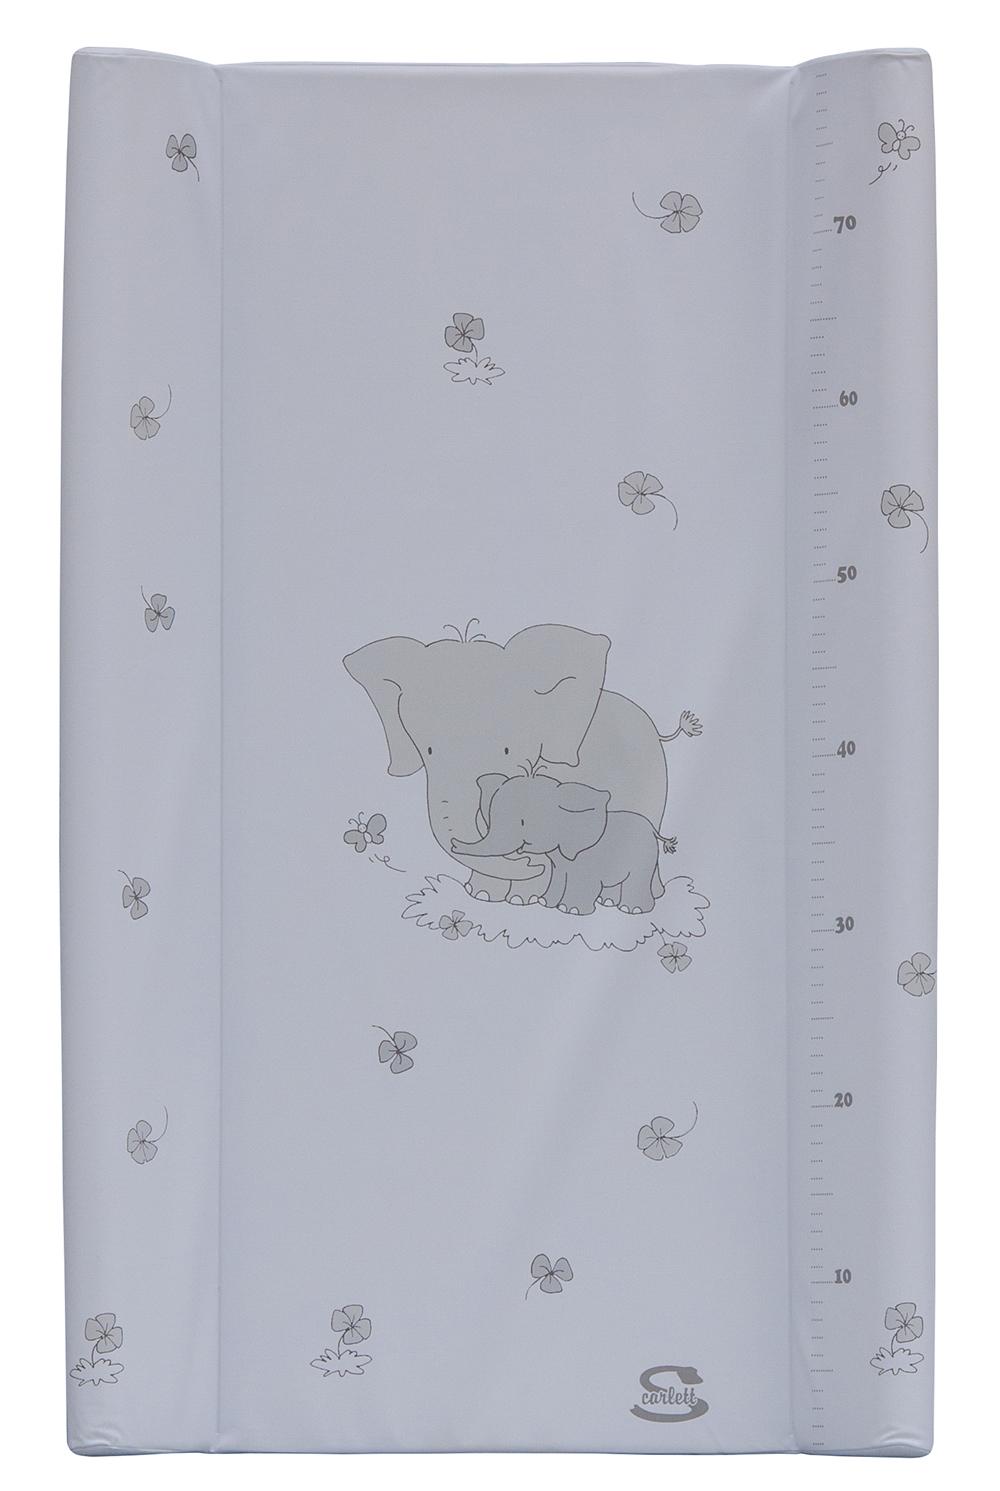 Přebalovací podložka s kapsou Scarlett Slon 80 x 50 cm - bílá